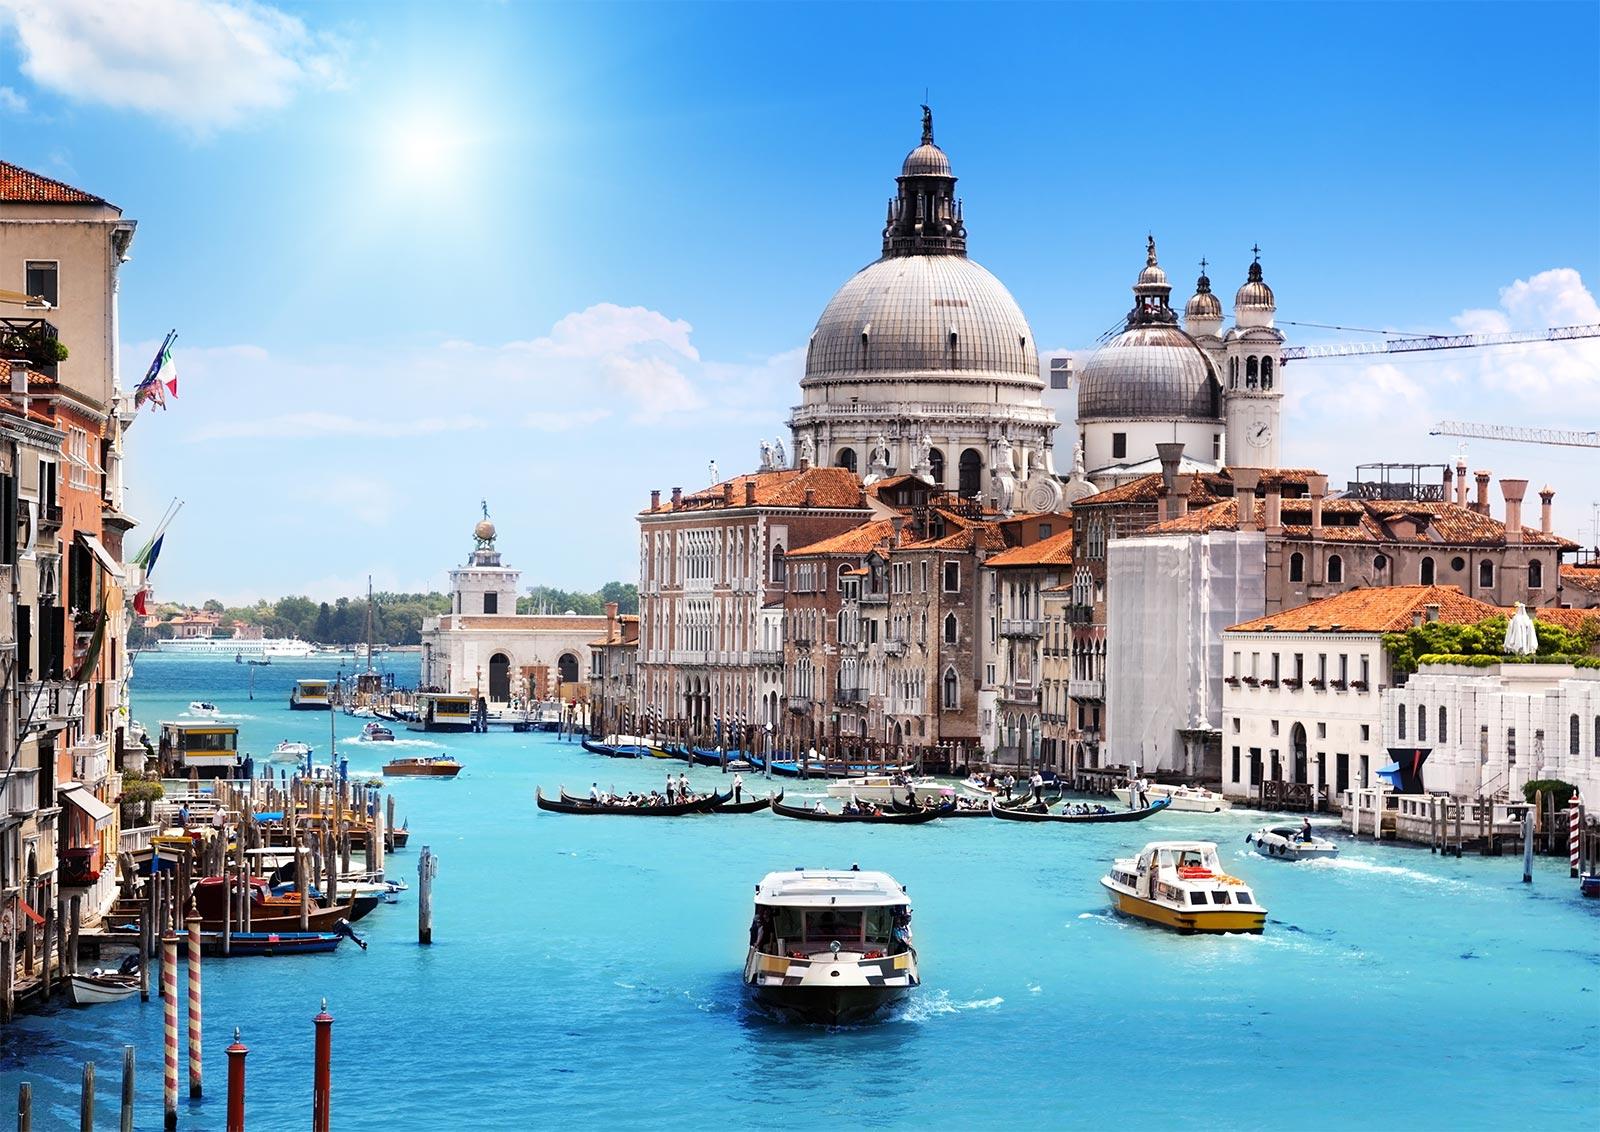 фото достопримечательности италии